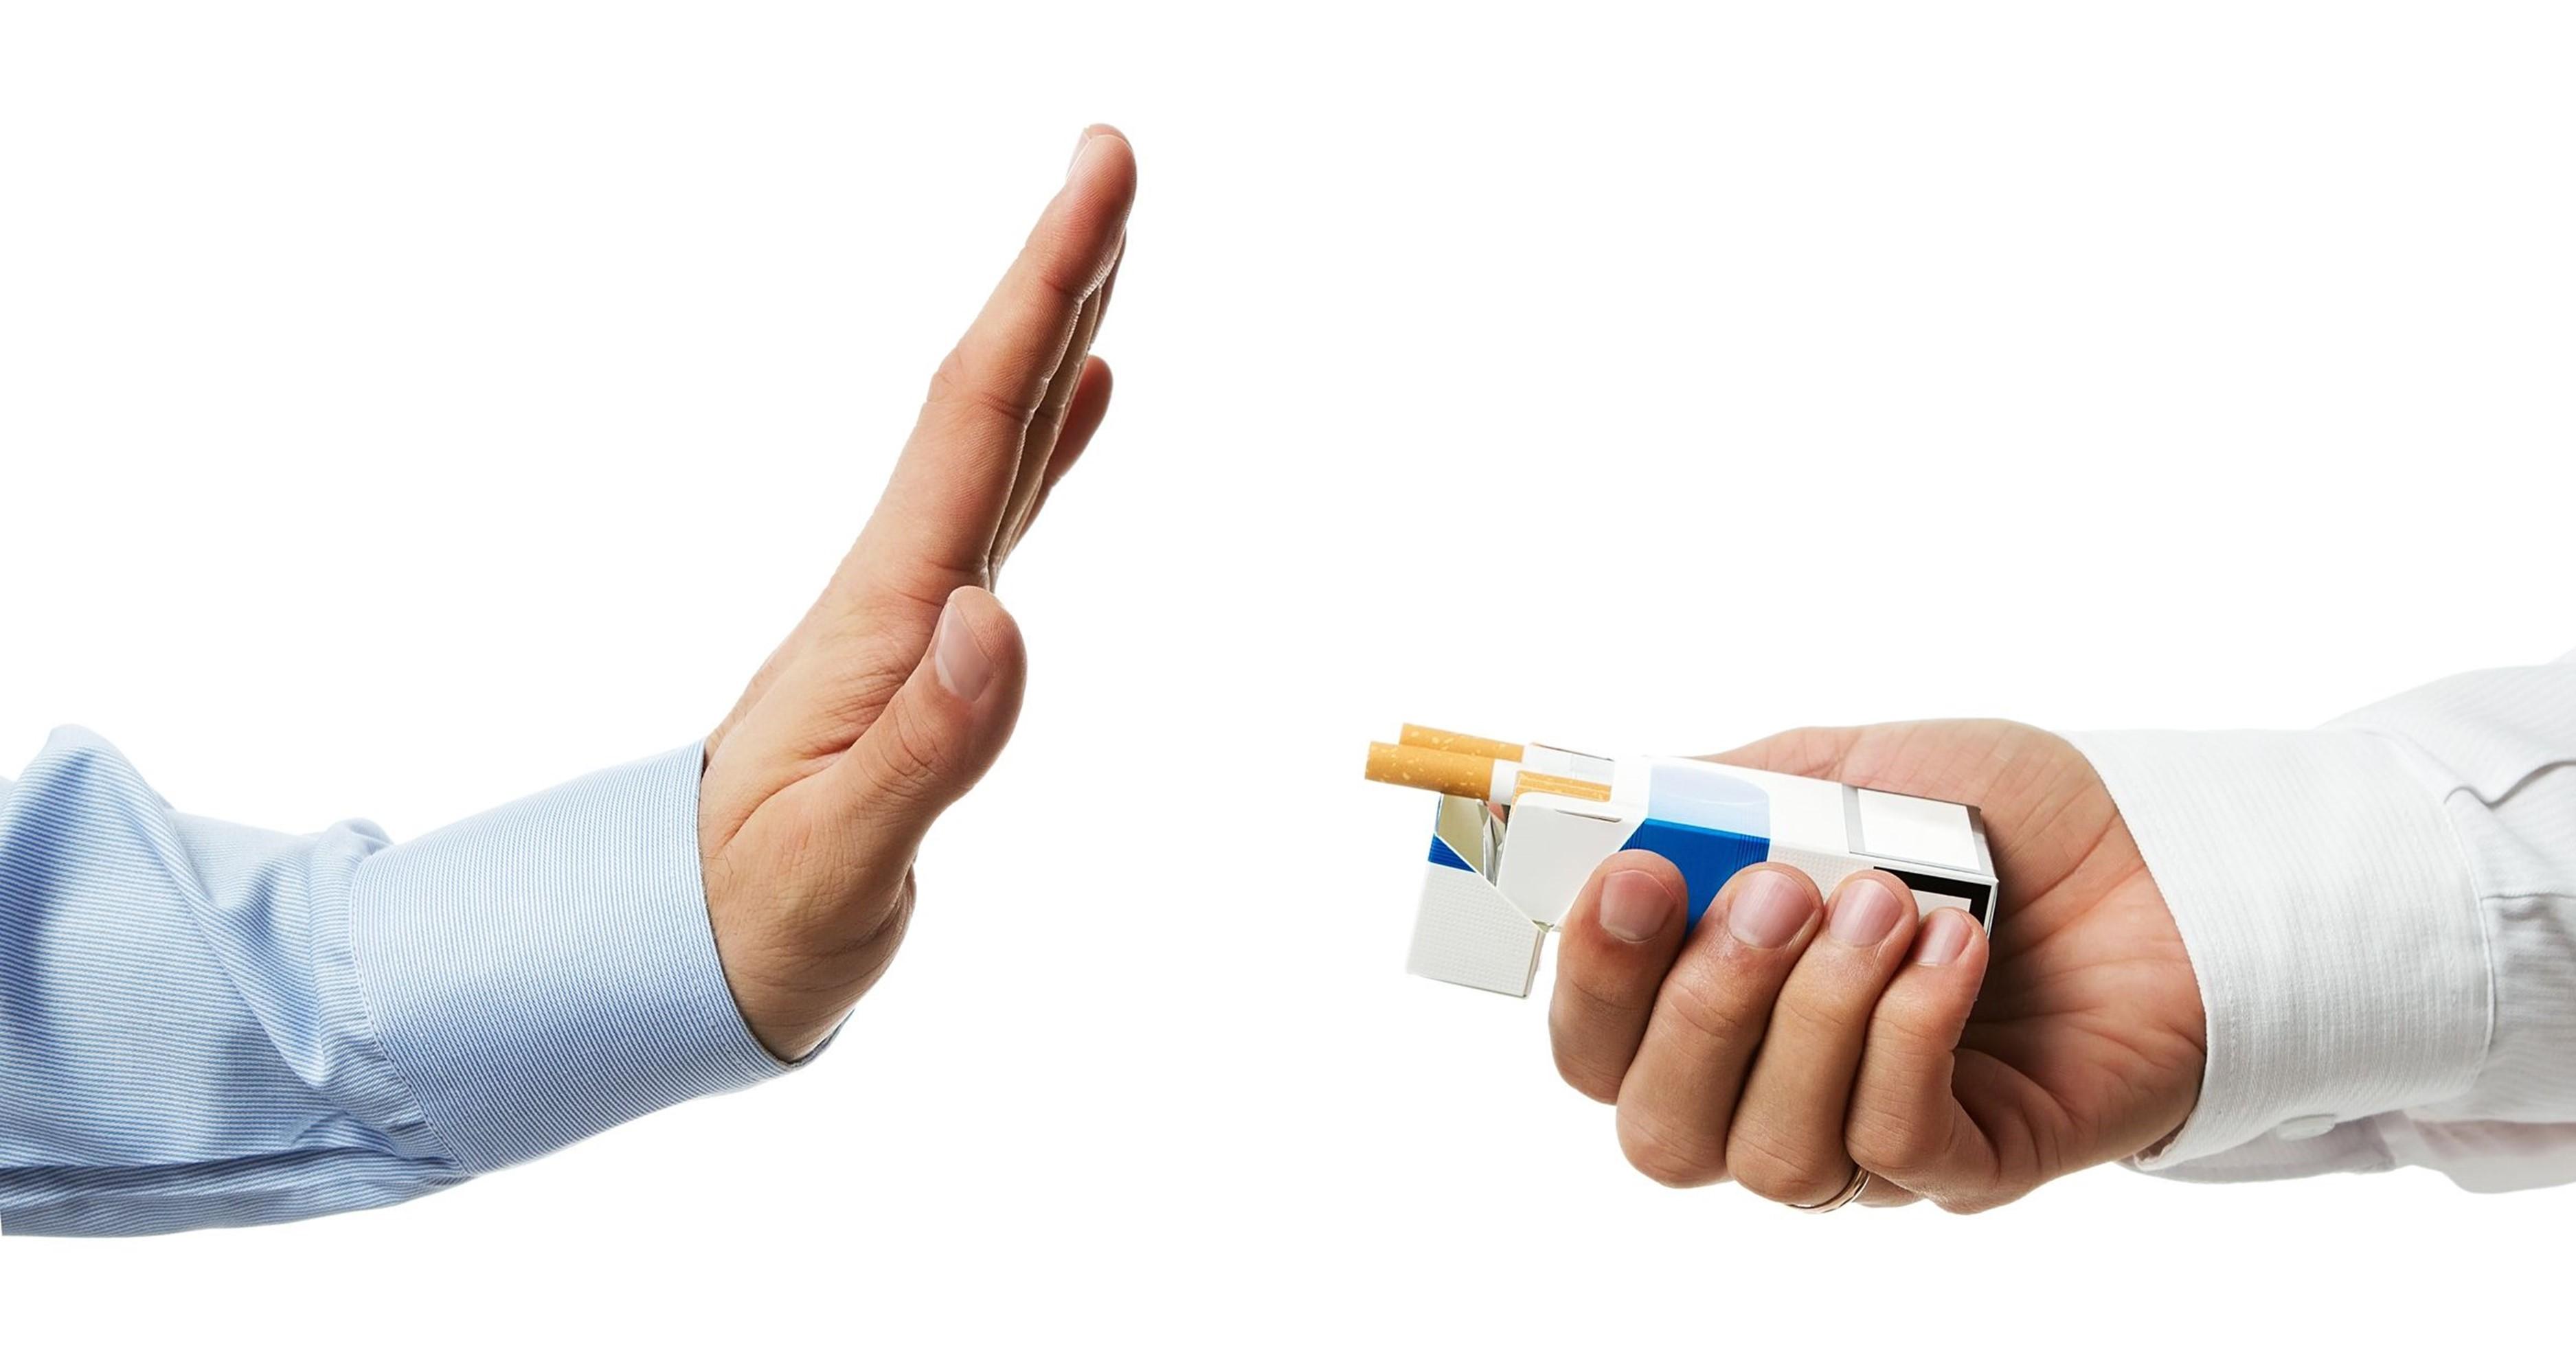 黃志生醫師: 注意!吸菸會使您的 CEA 上升